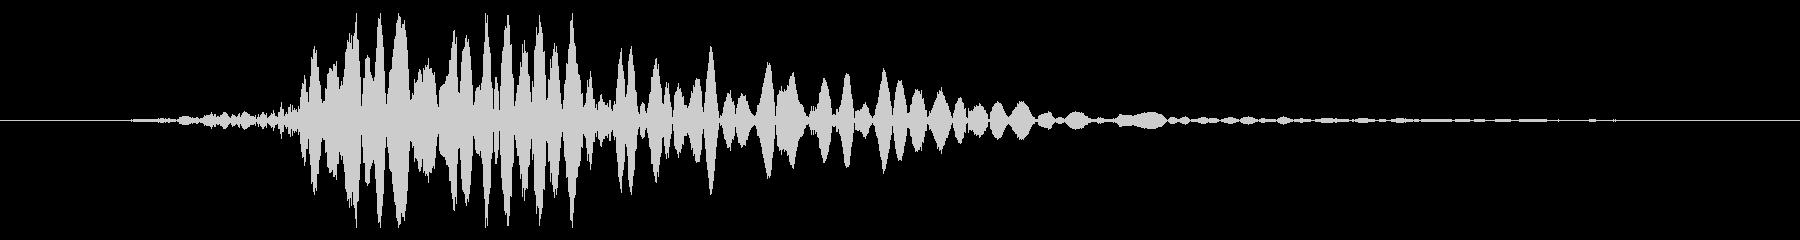 ワーム モンスター キャラタップ 通常の未再生の波形